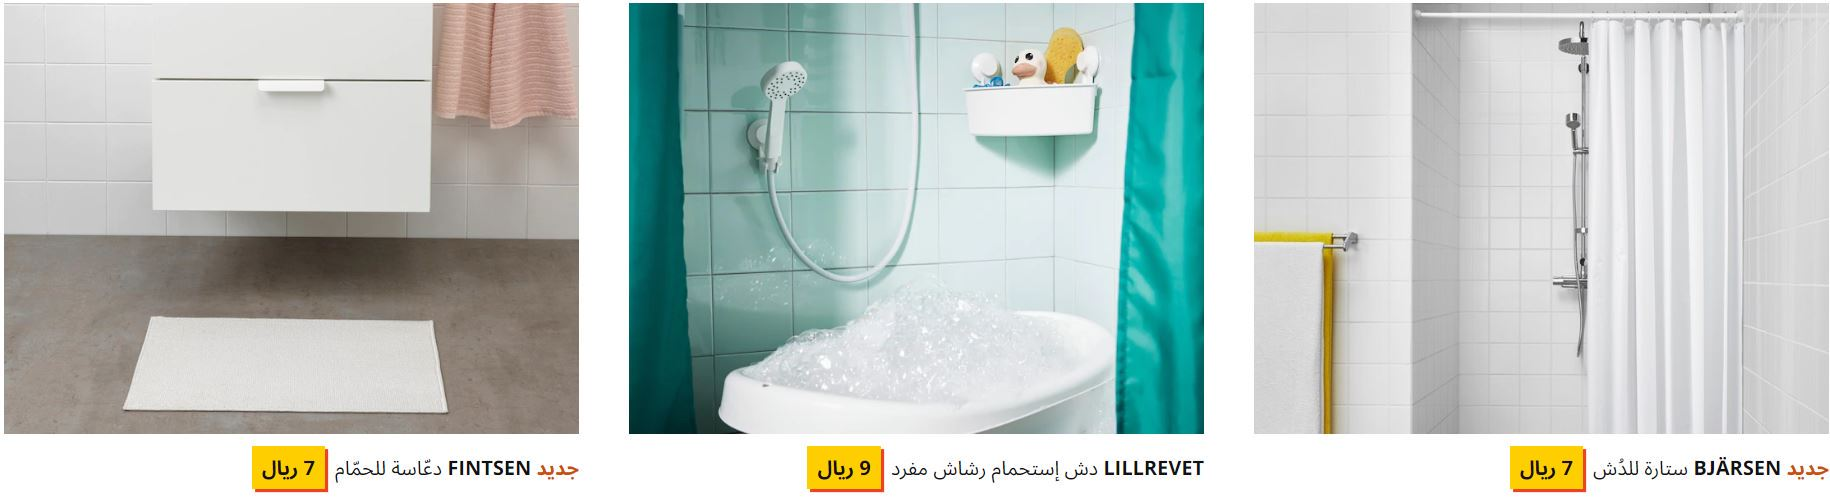 عروض ايكيا مسلتزمات الحمام